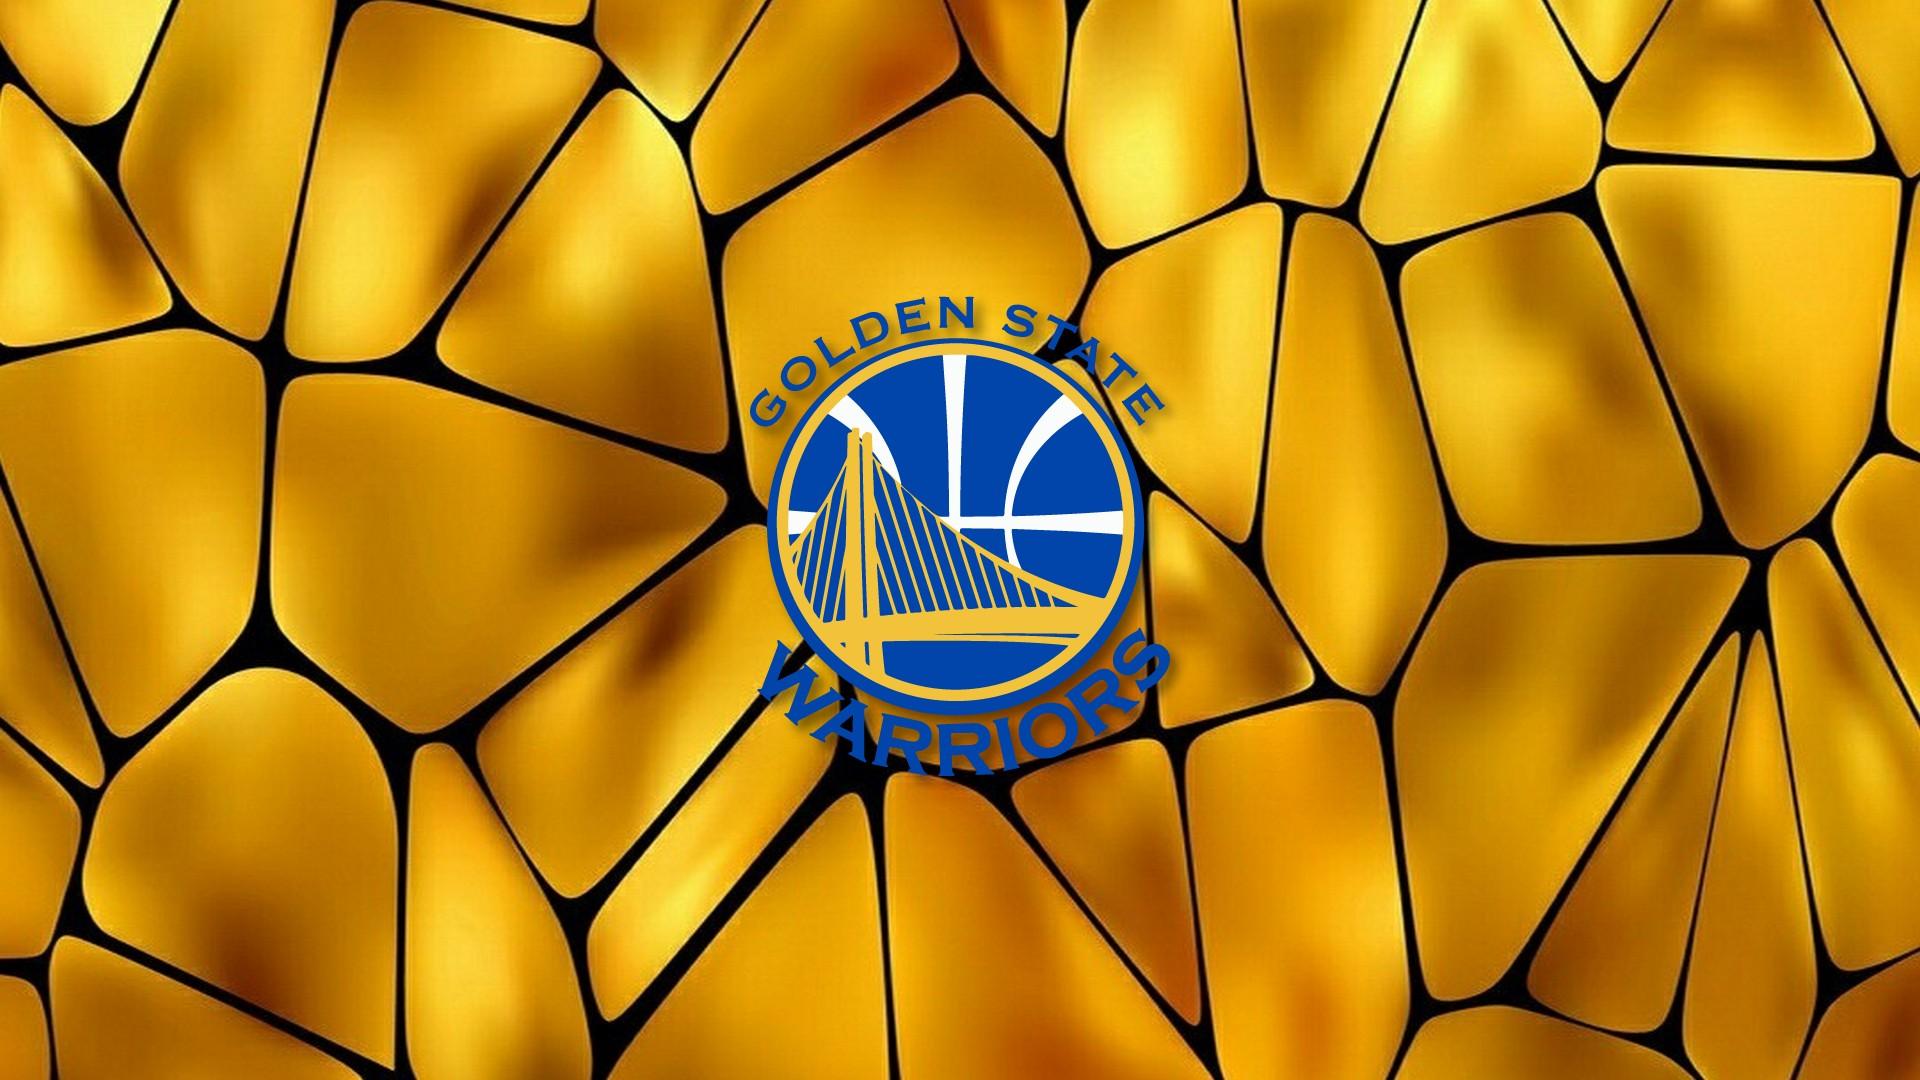 HD Desktop Wallpaper Golden State Warriors Logo 2019 Basketball 1920x1080